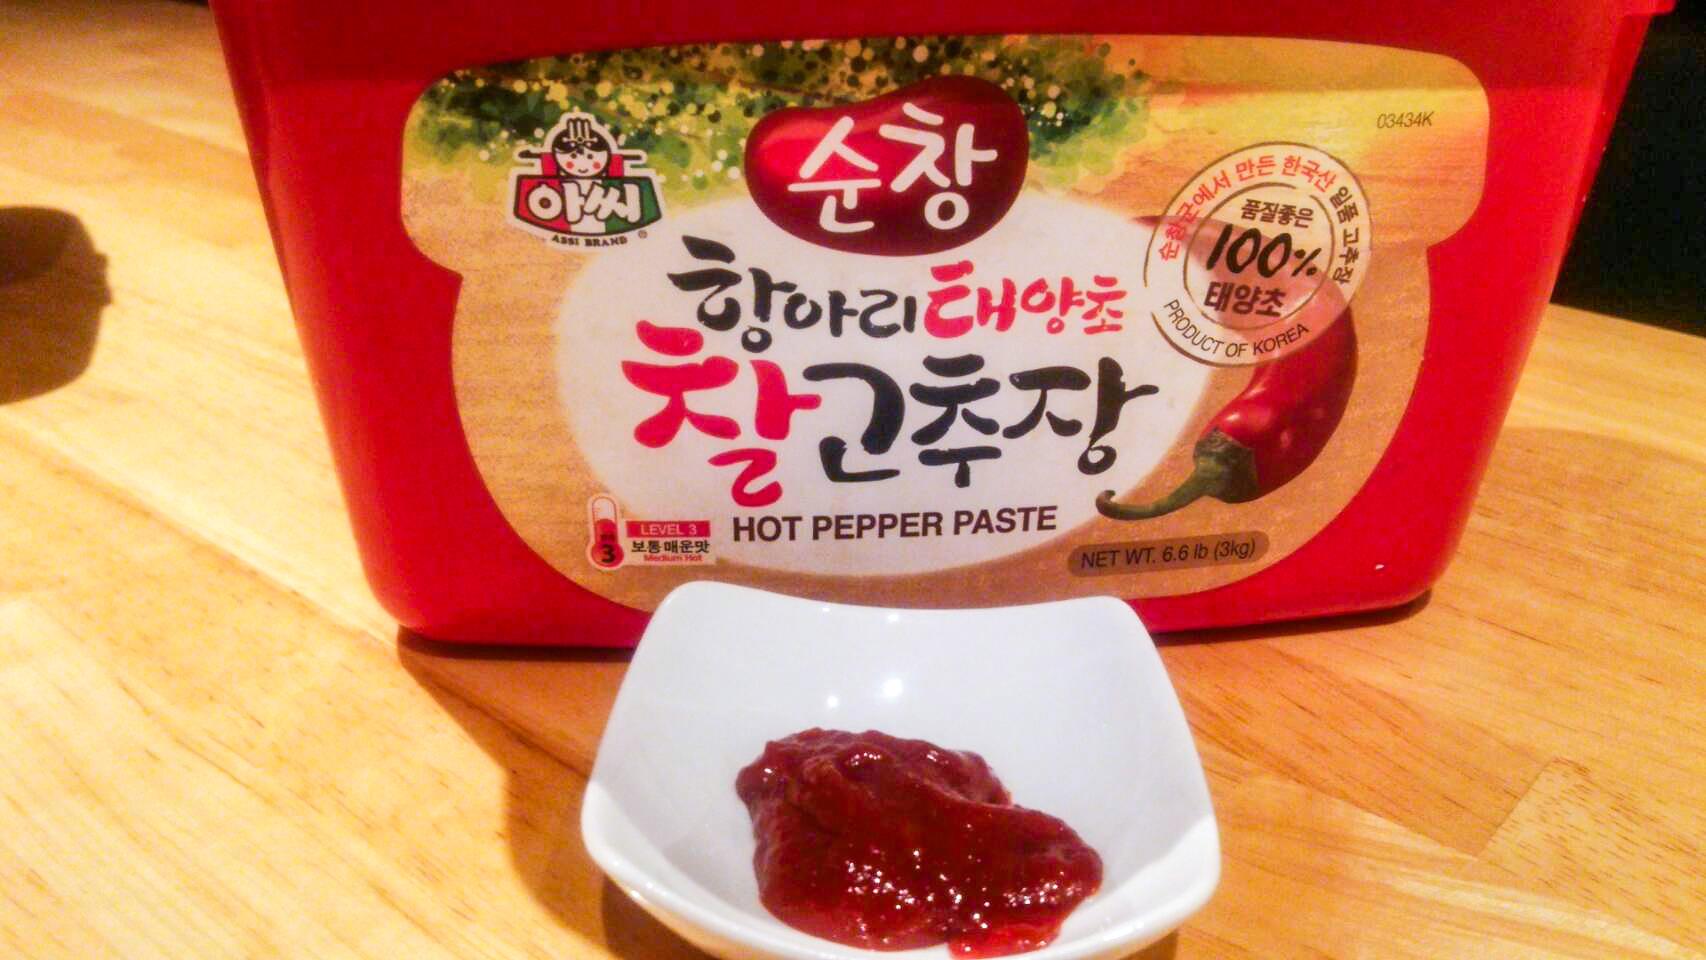 こだわりの調味料 ジャン アジョシ 京都 韓国料理